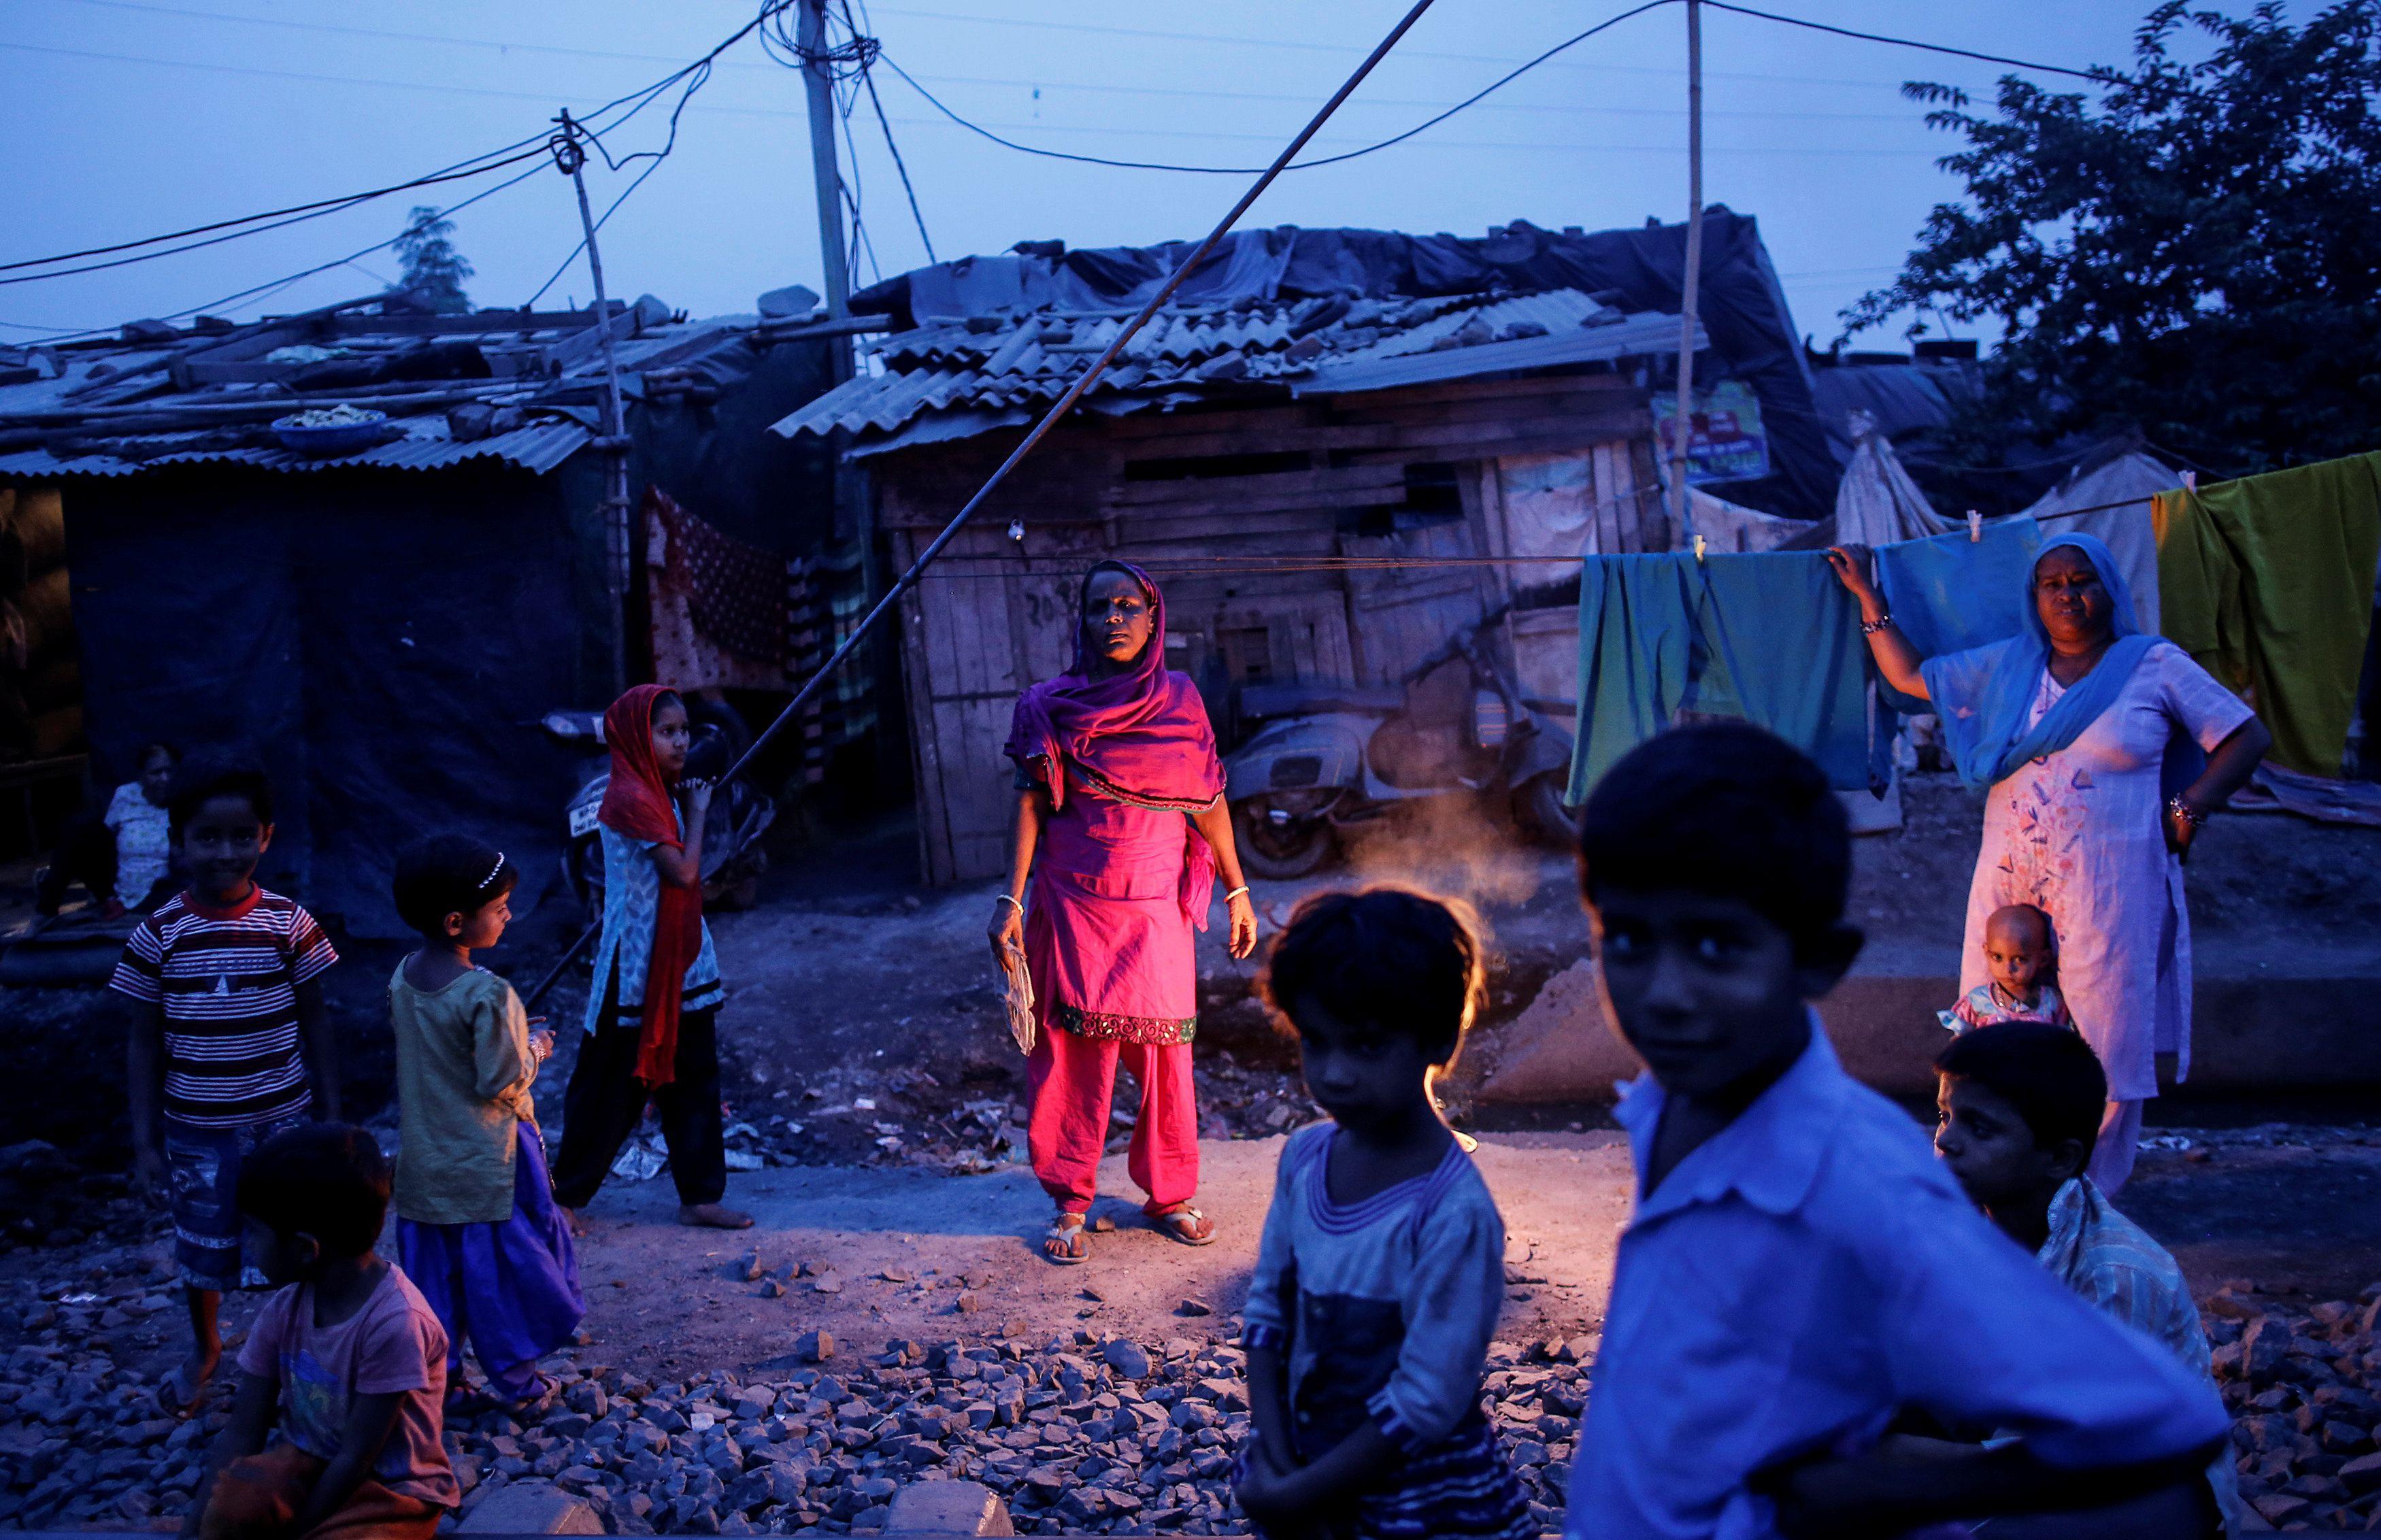 Subna Bi (centro de la imagen), de 55 años, posa para una foto en el exterior de su casa, junto a la antigua planta abandonada de pesticidas Union Carbide Corp, en Bhopal, el 15 de noviembre de 2014.